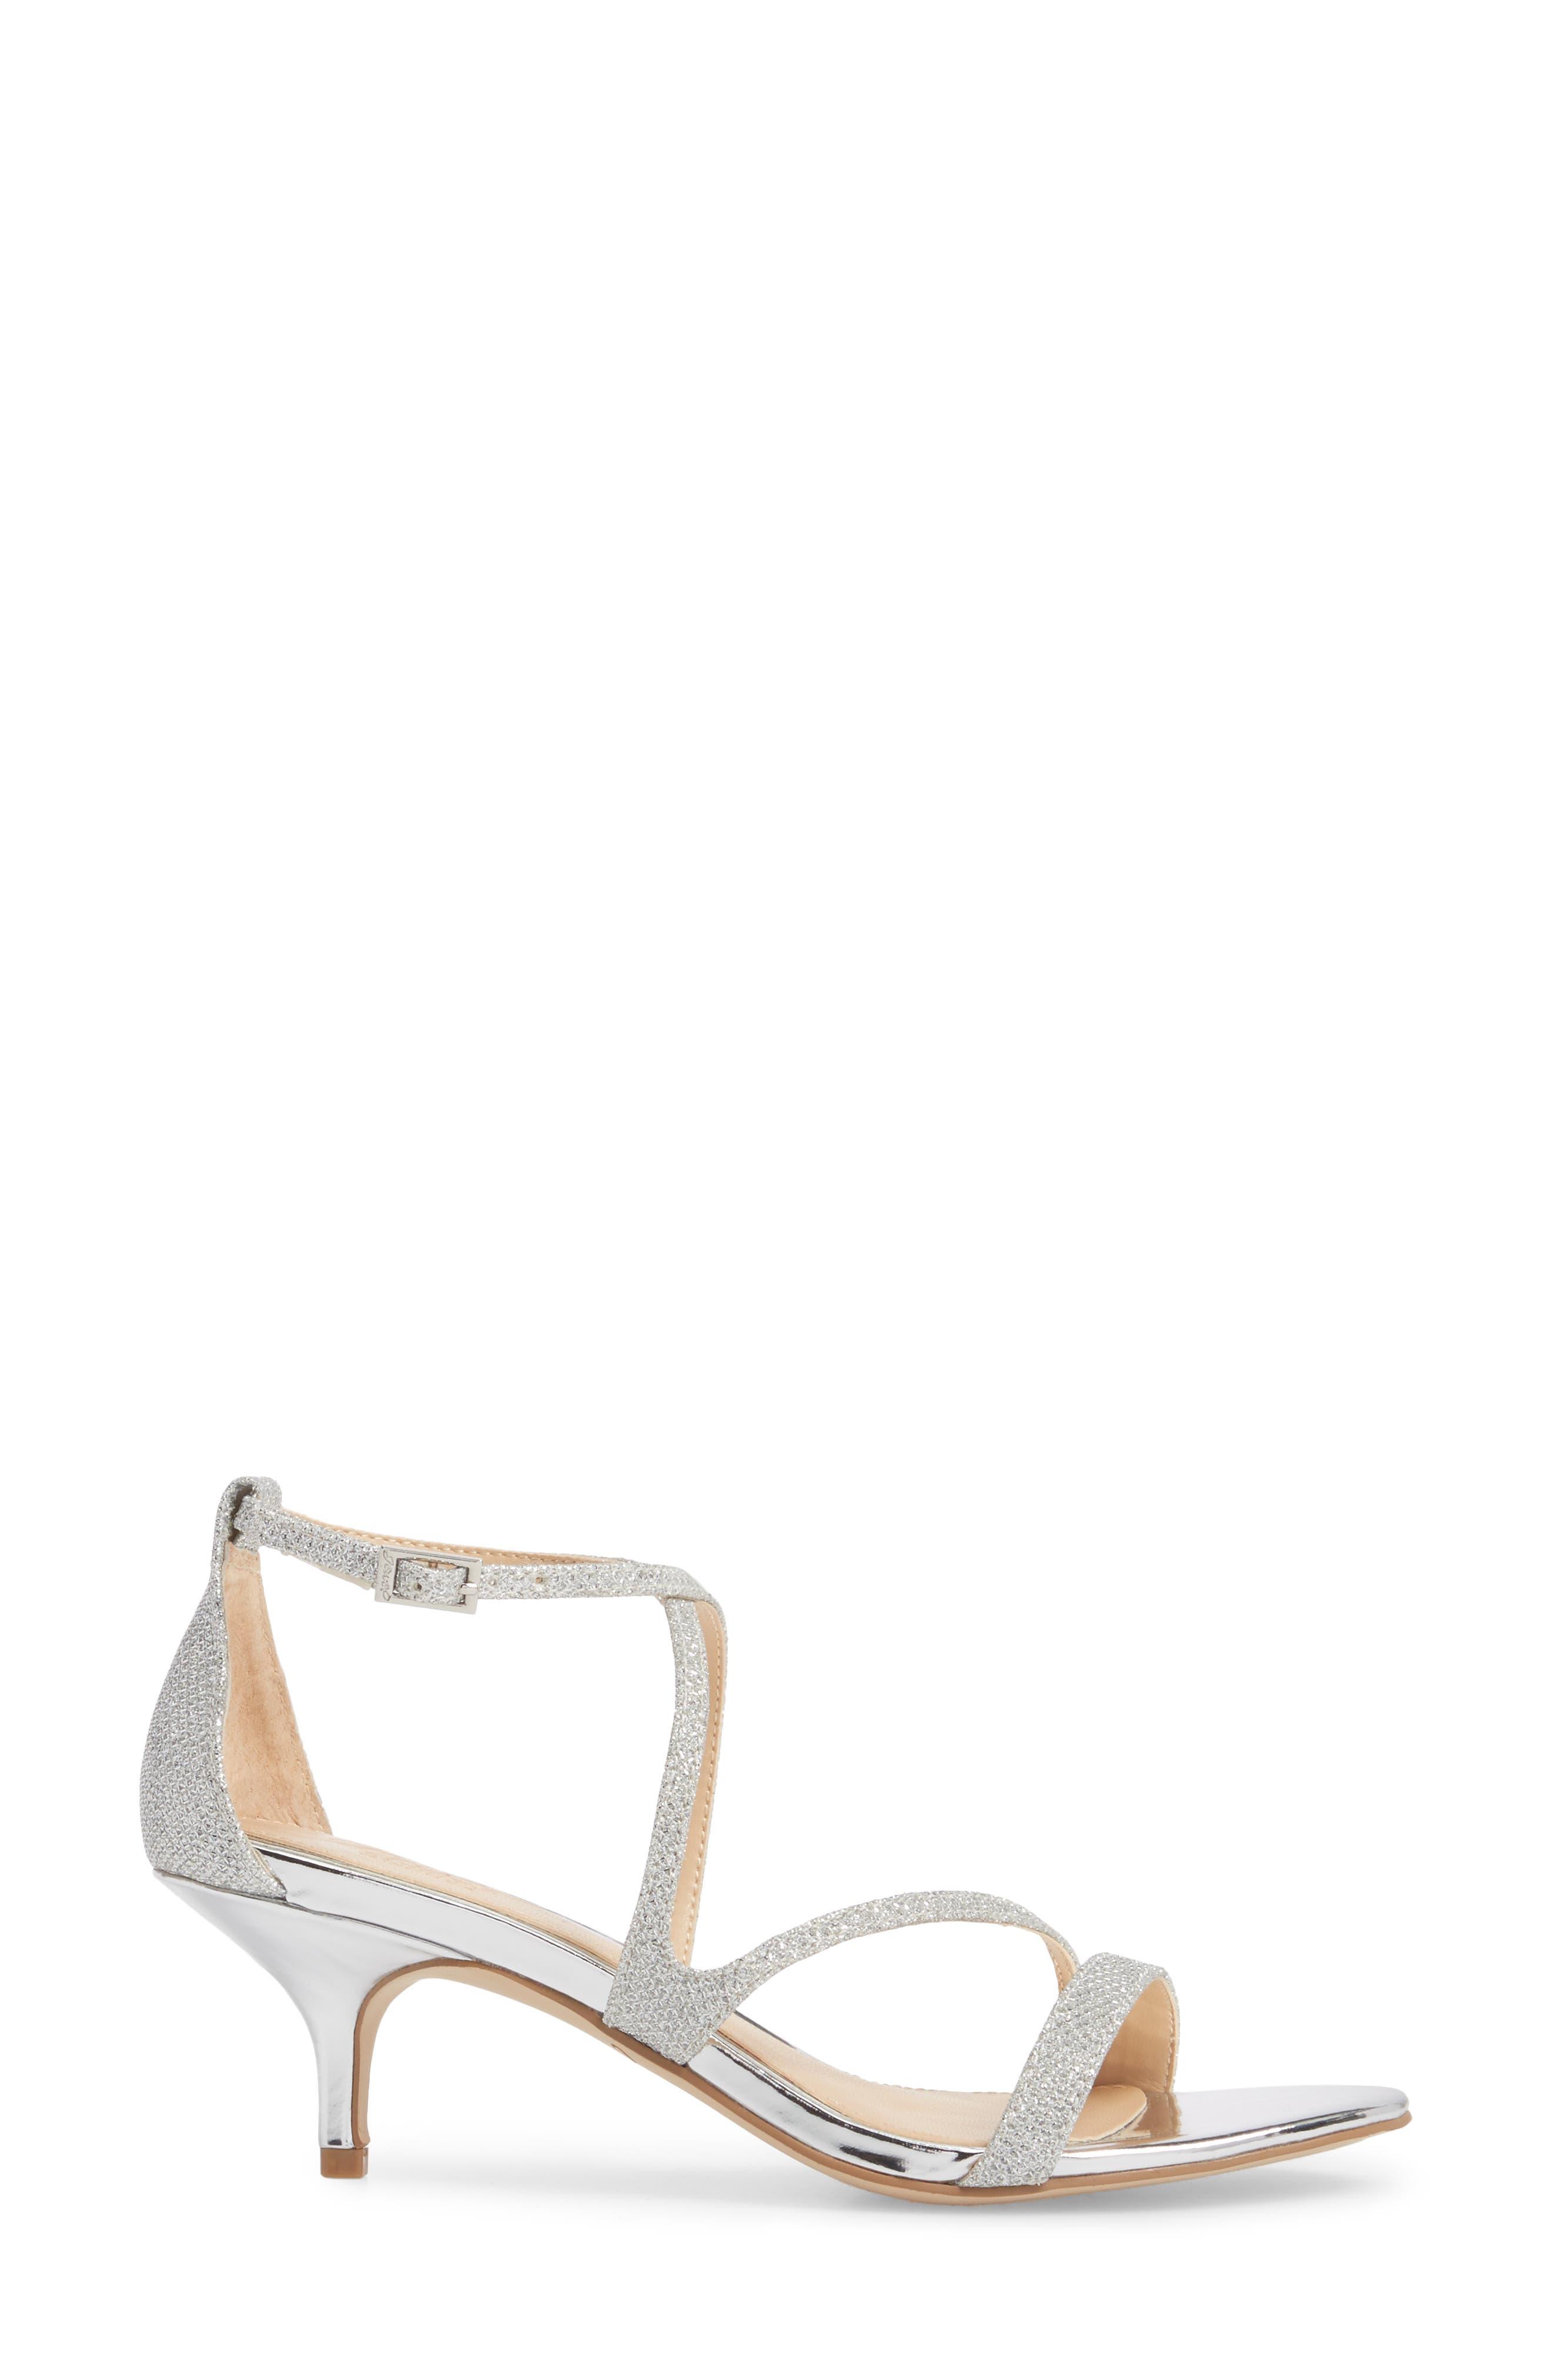 Gal Glitter Kitten Heel Sandal,                             Alternate thumbnail 3, color,                             Silver Glitter Fabric